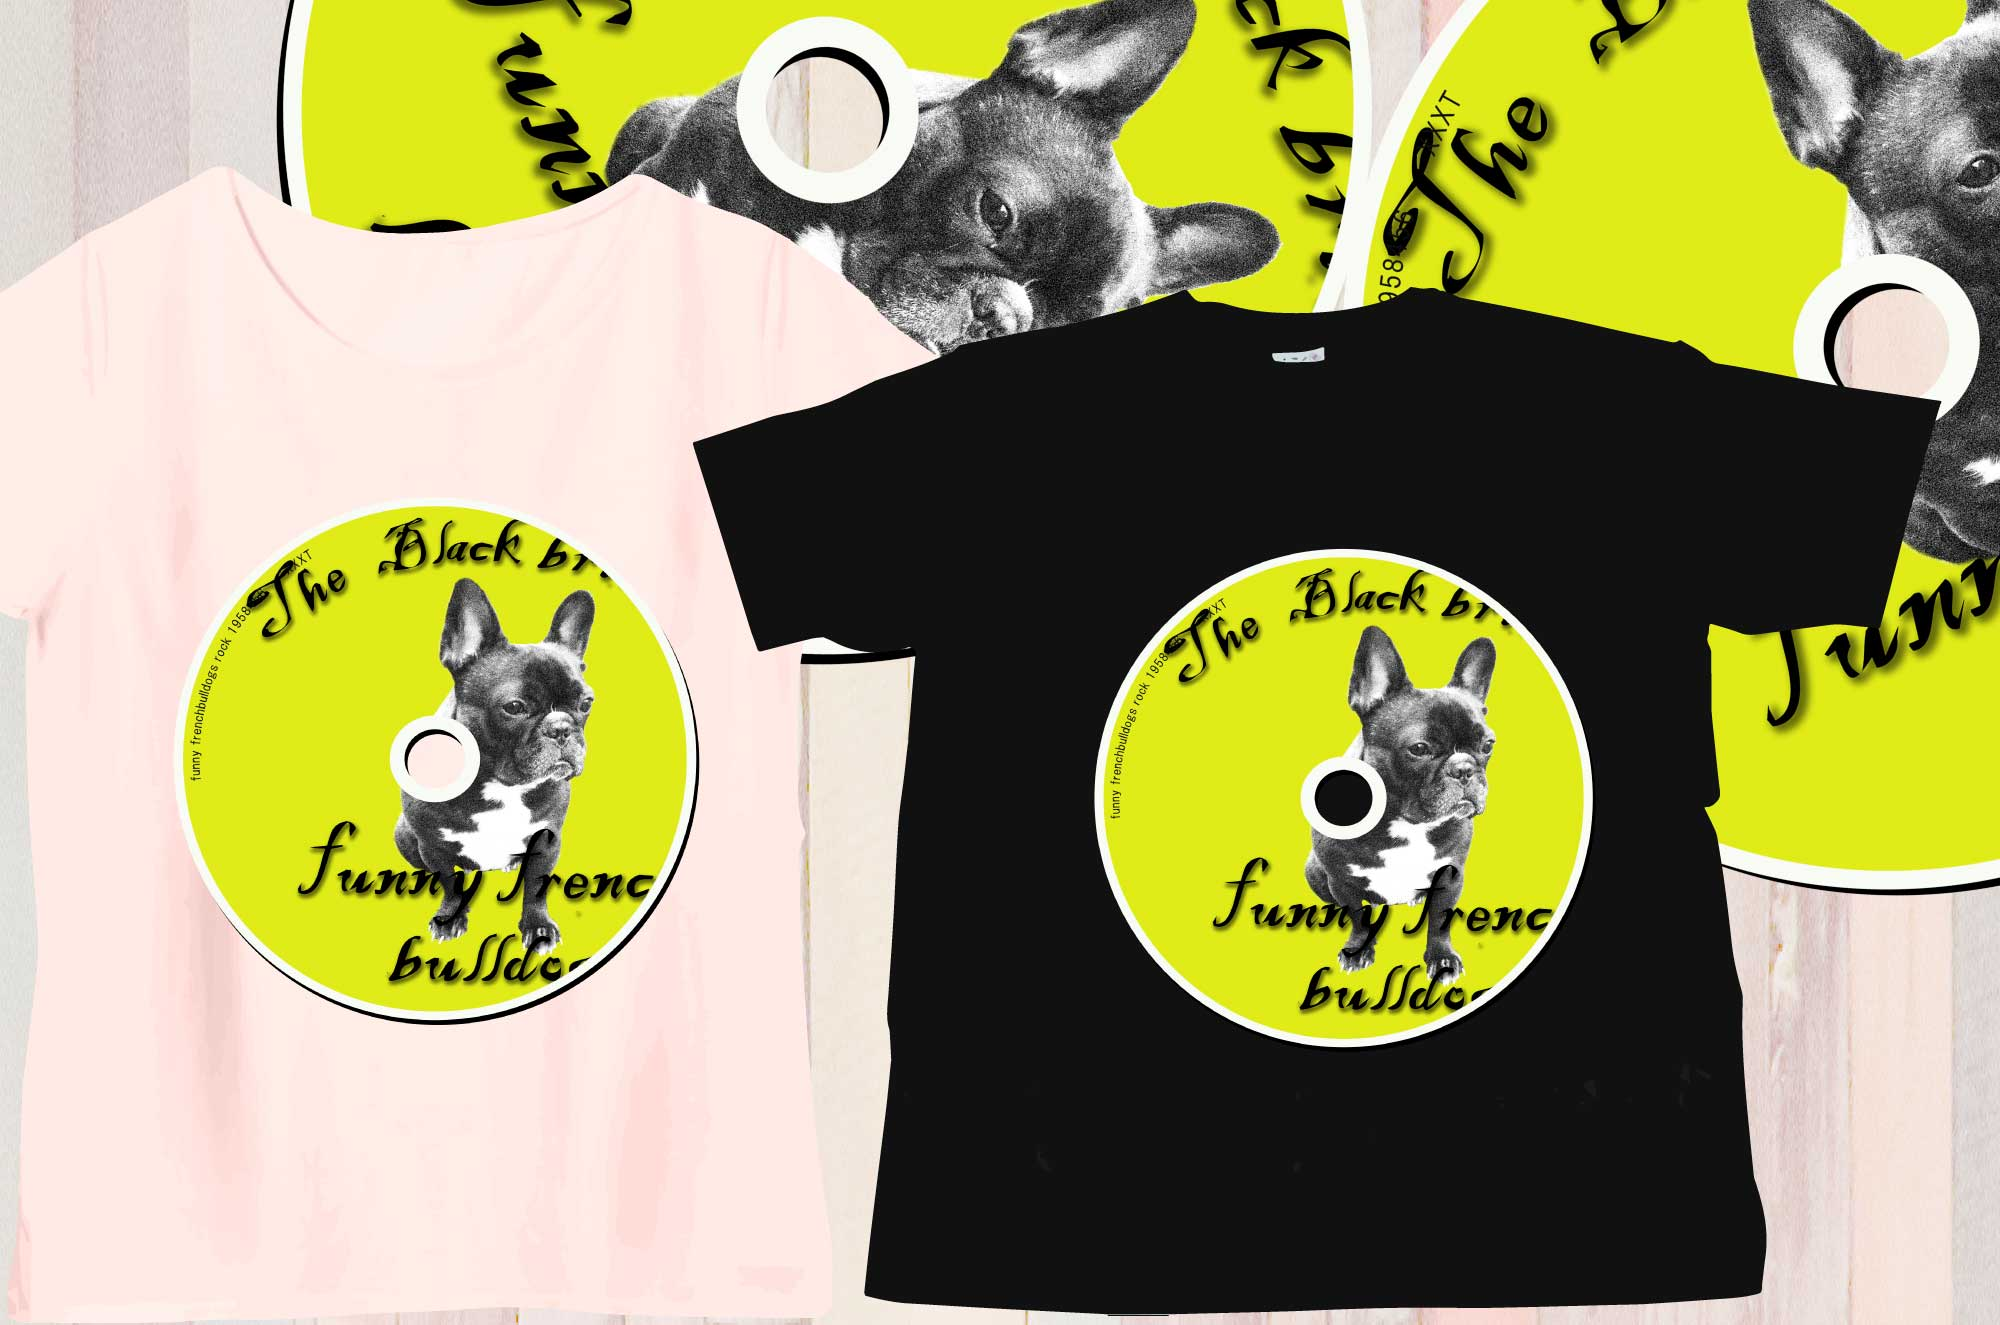 フレンチブルドッグとCDの面白いデザインTシャツ